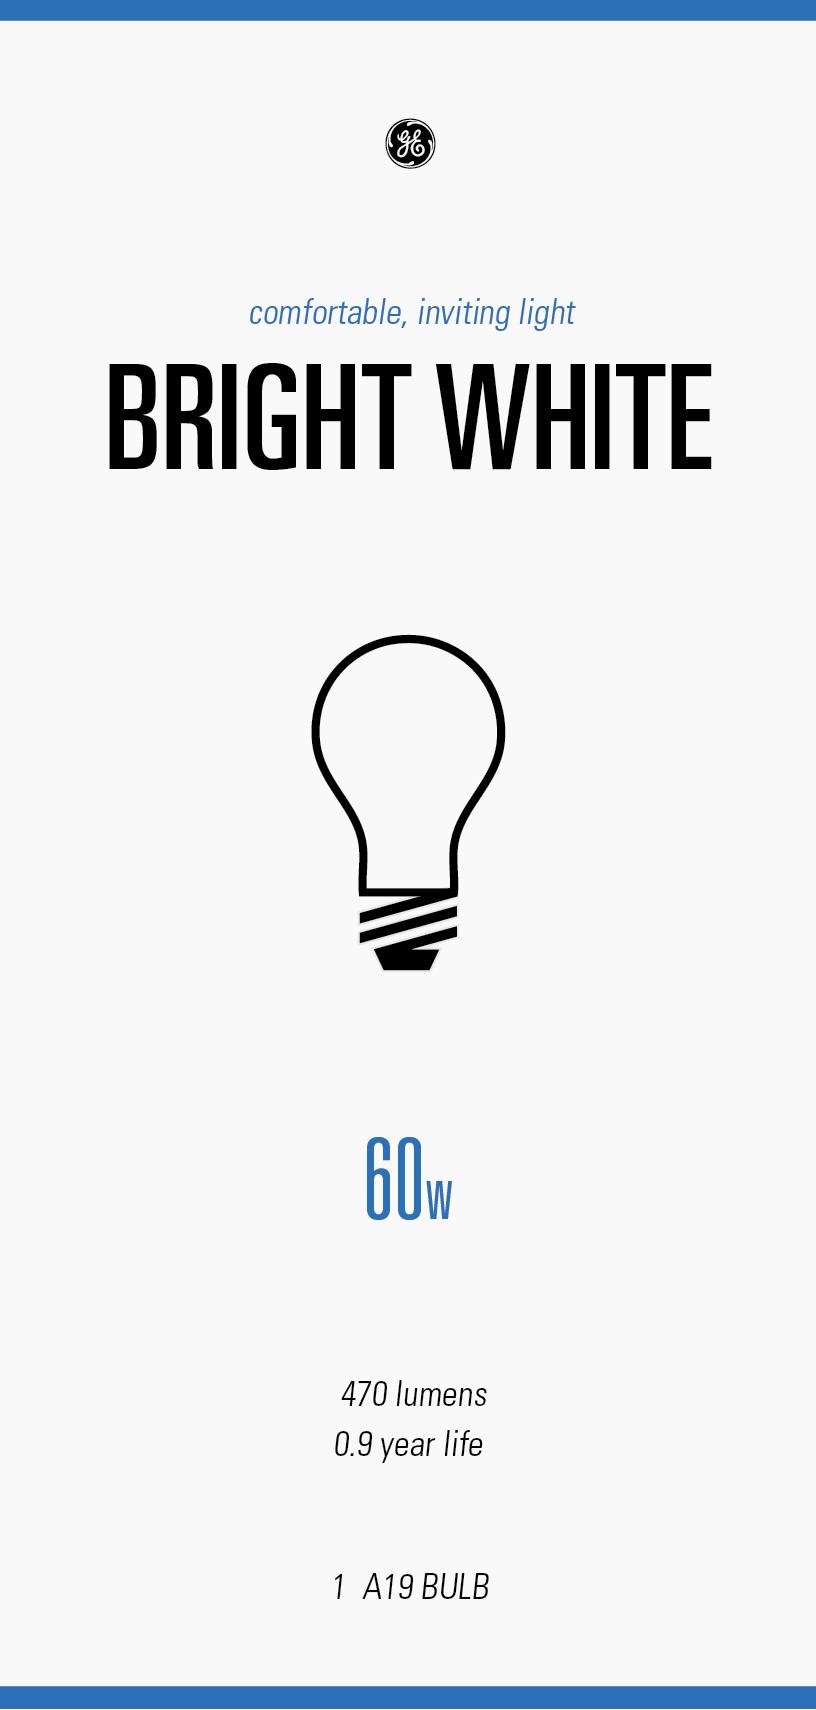 lightbulb redo for website-02.png